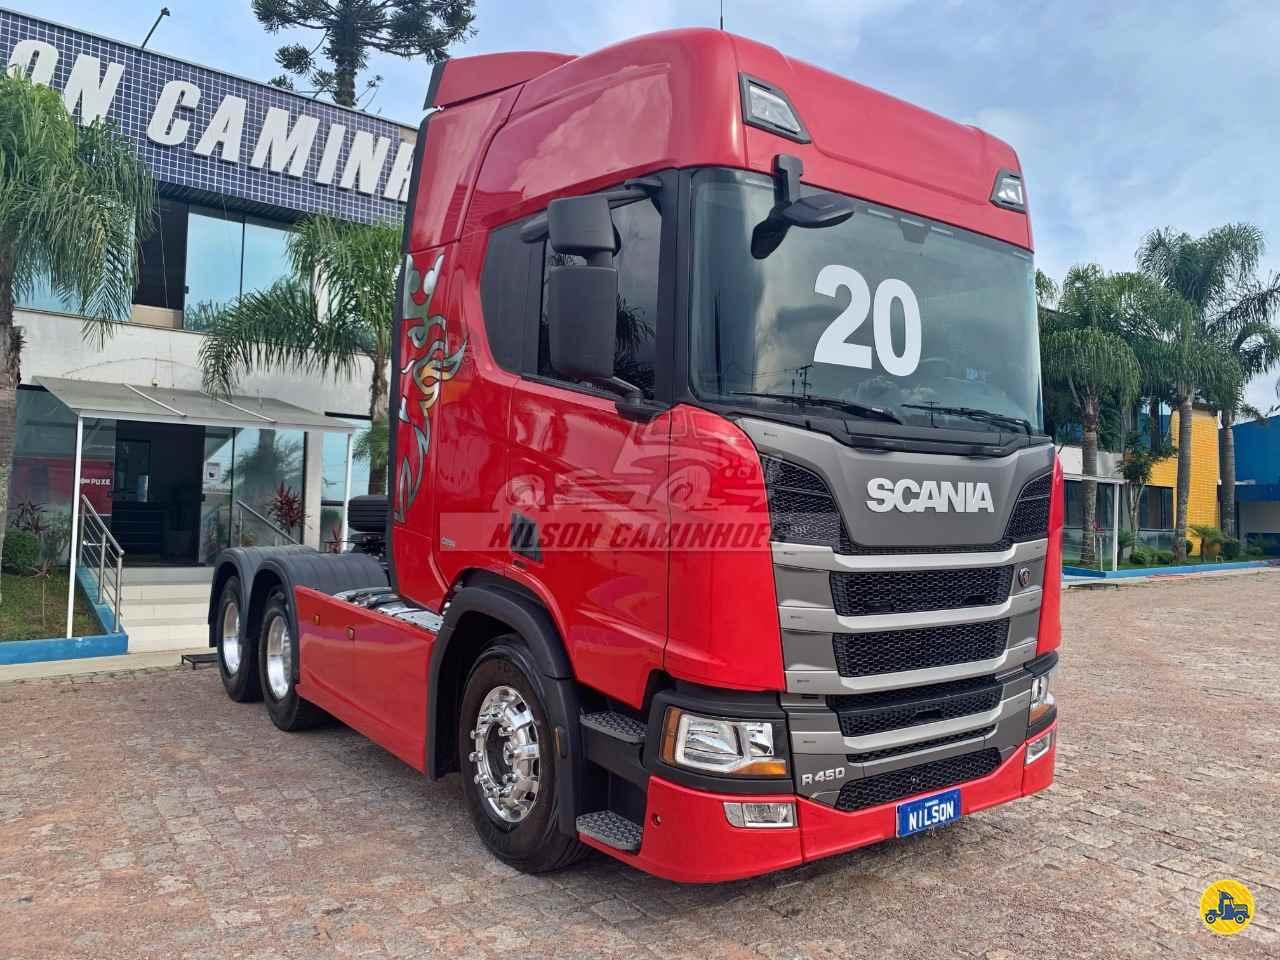 SCANIA SCANIA 450 152000km 2019/2020 Nilson Caminhoes